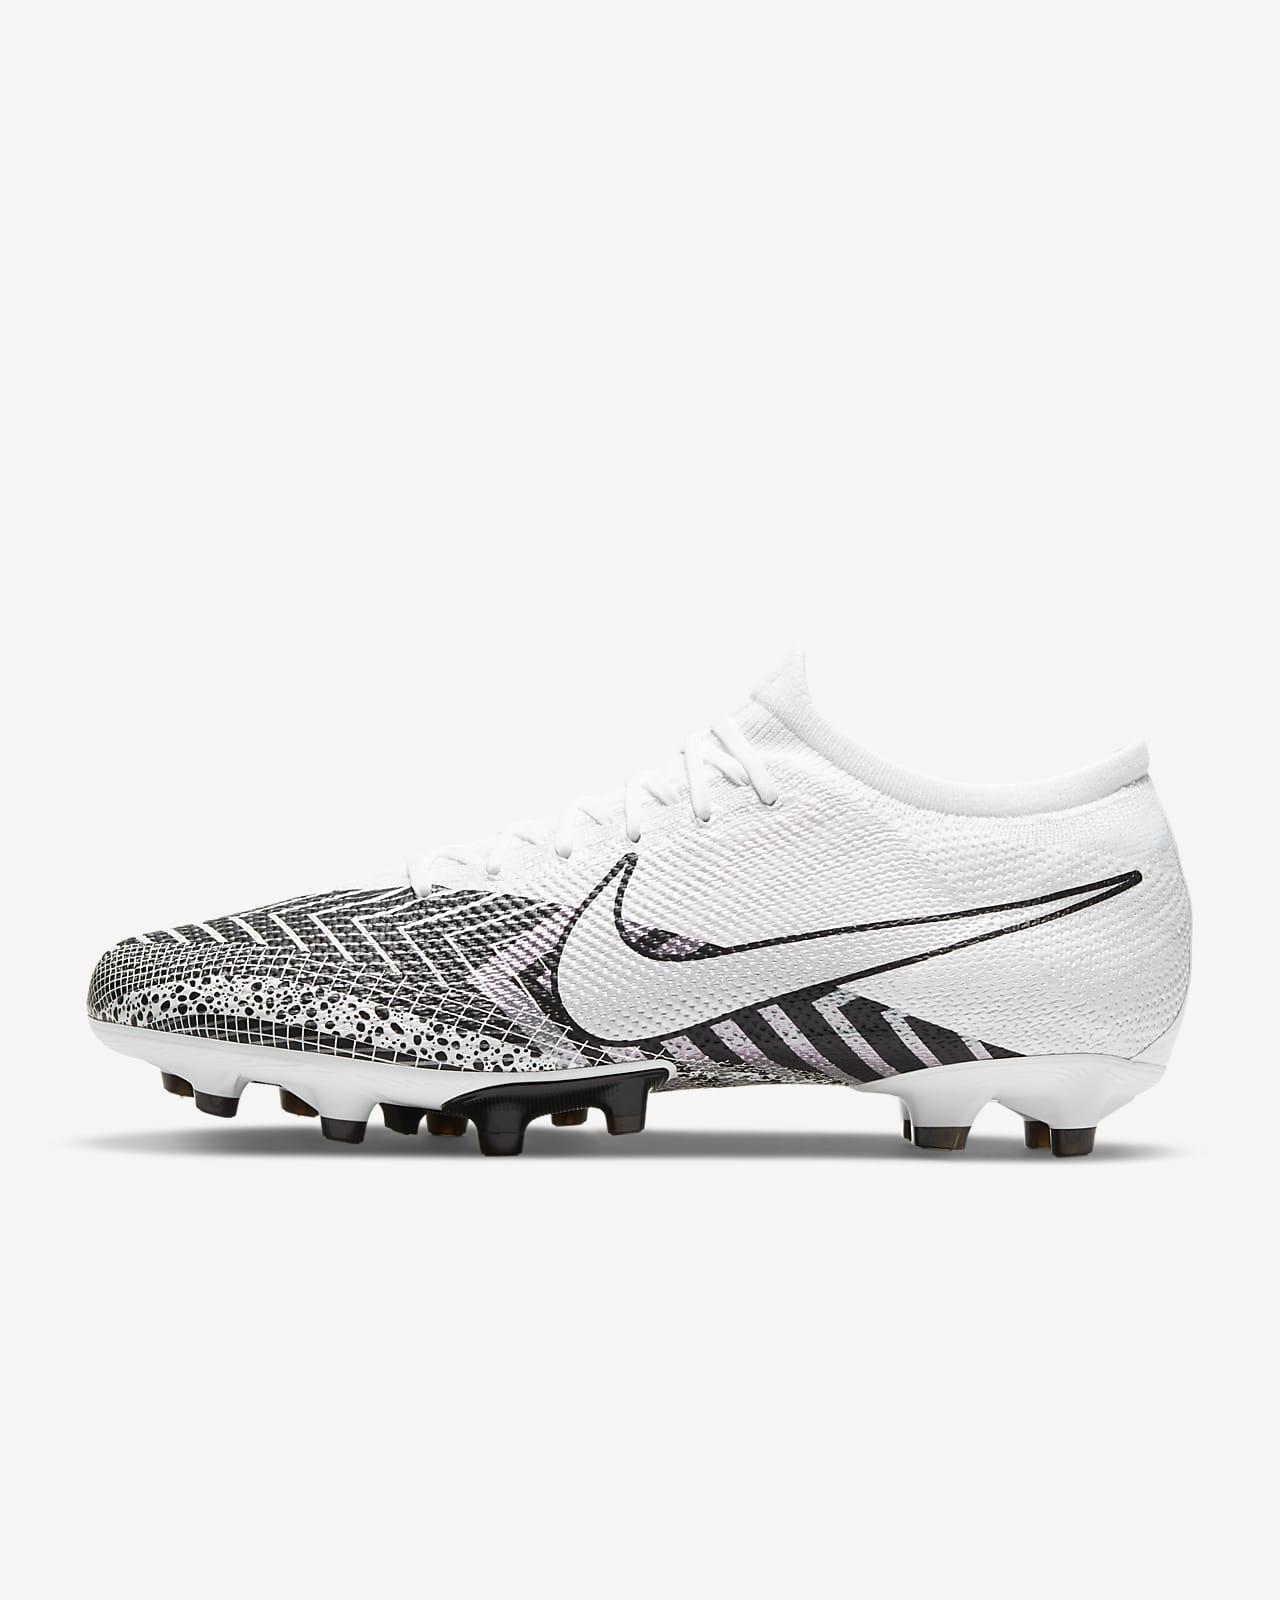 Chaussure de football à crampons pour terrain synthétique Nike Mercurial Vapor 13 Pro MDS AG-PRO